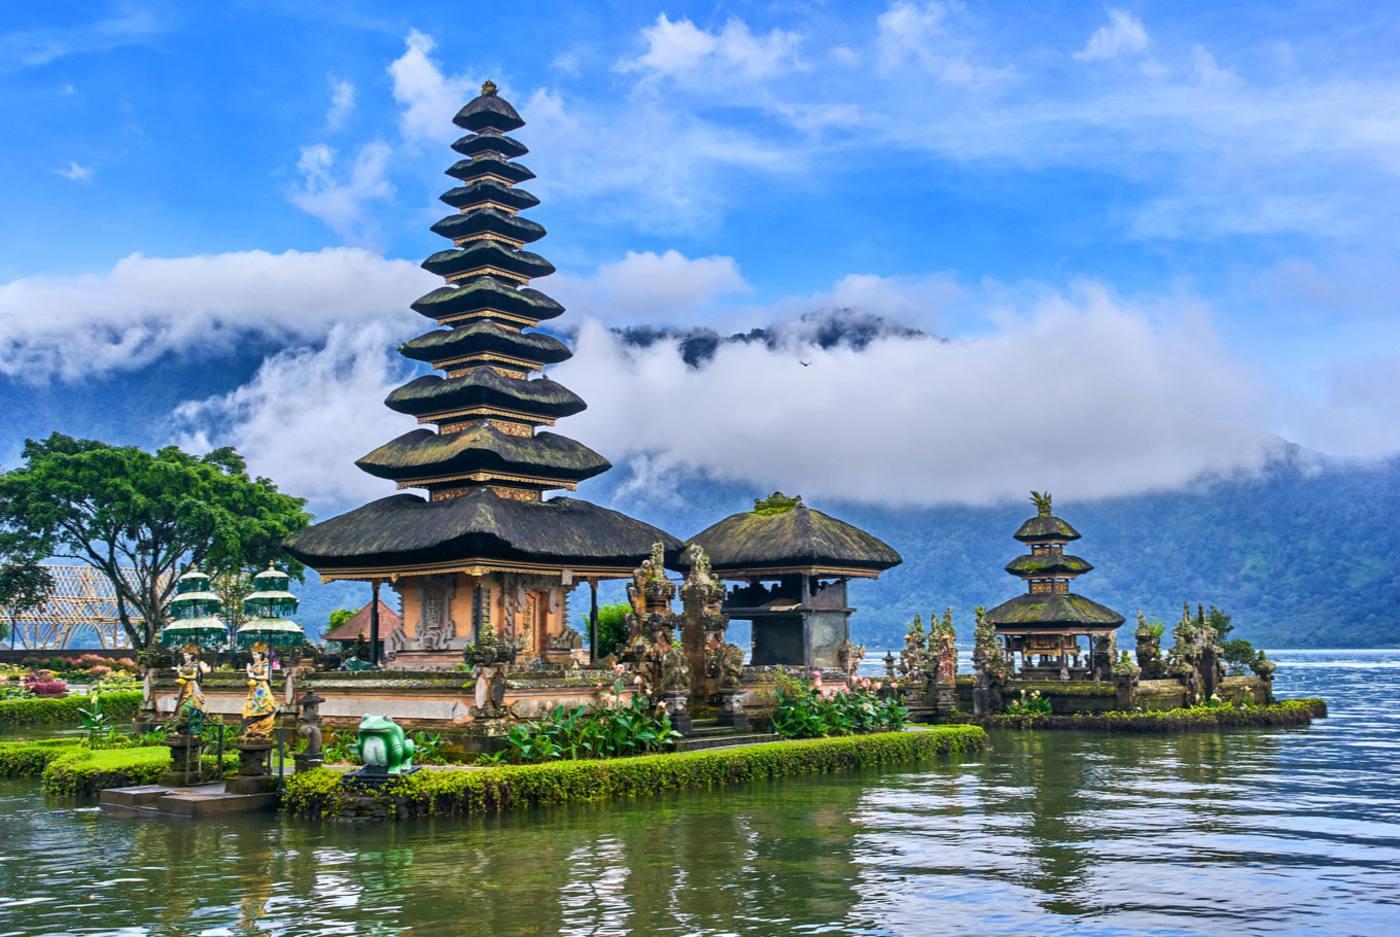 Bali - ulun danu beratan temple